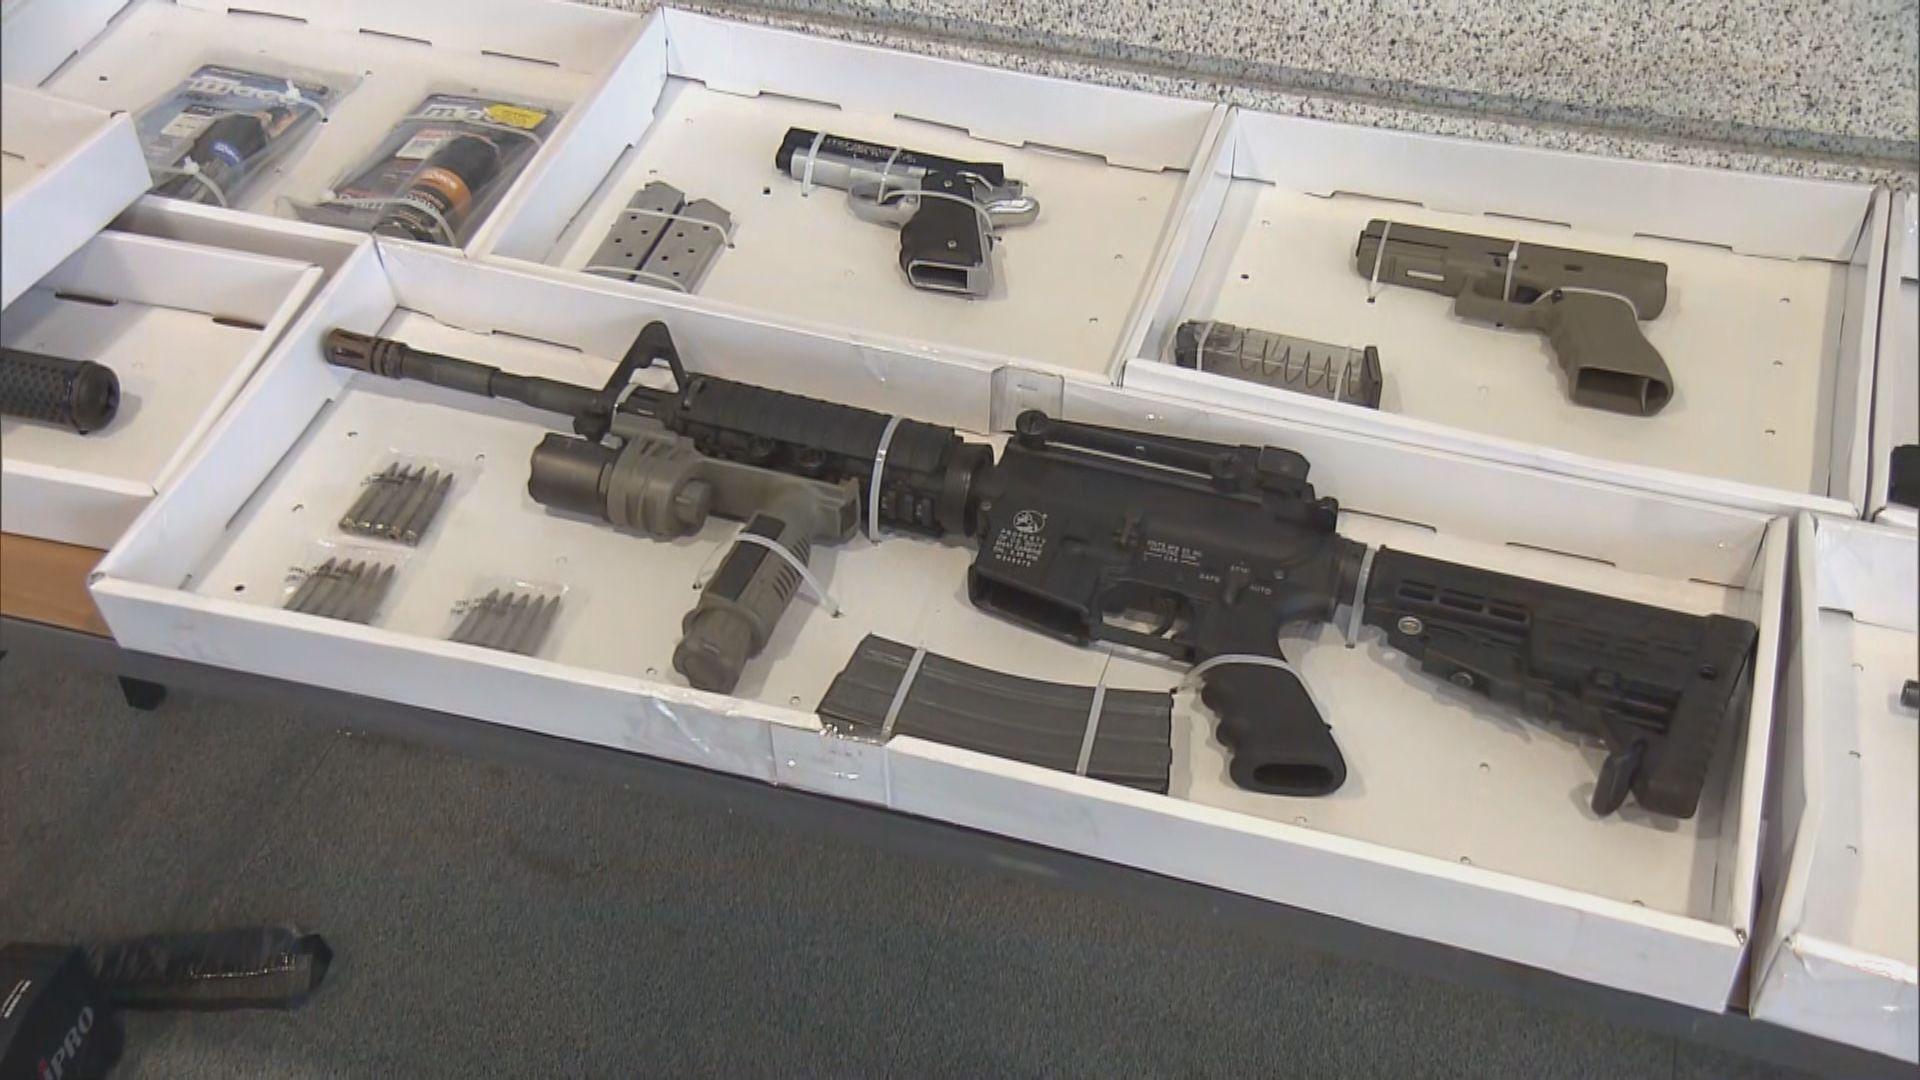 警搜查全港多處檢槍械及組件拘三人